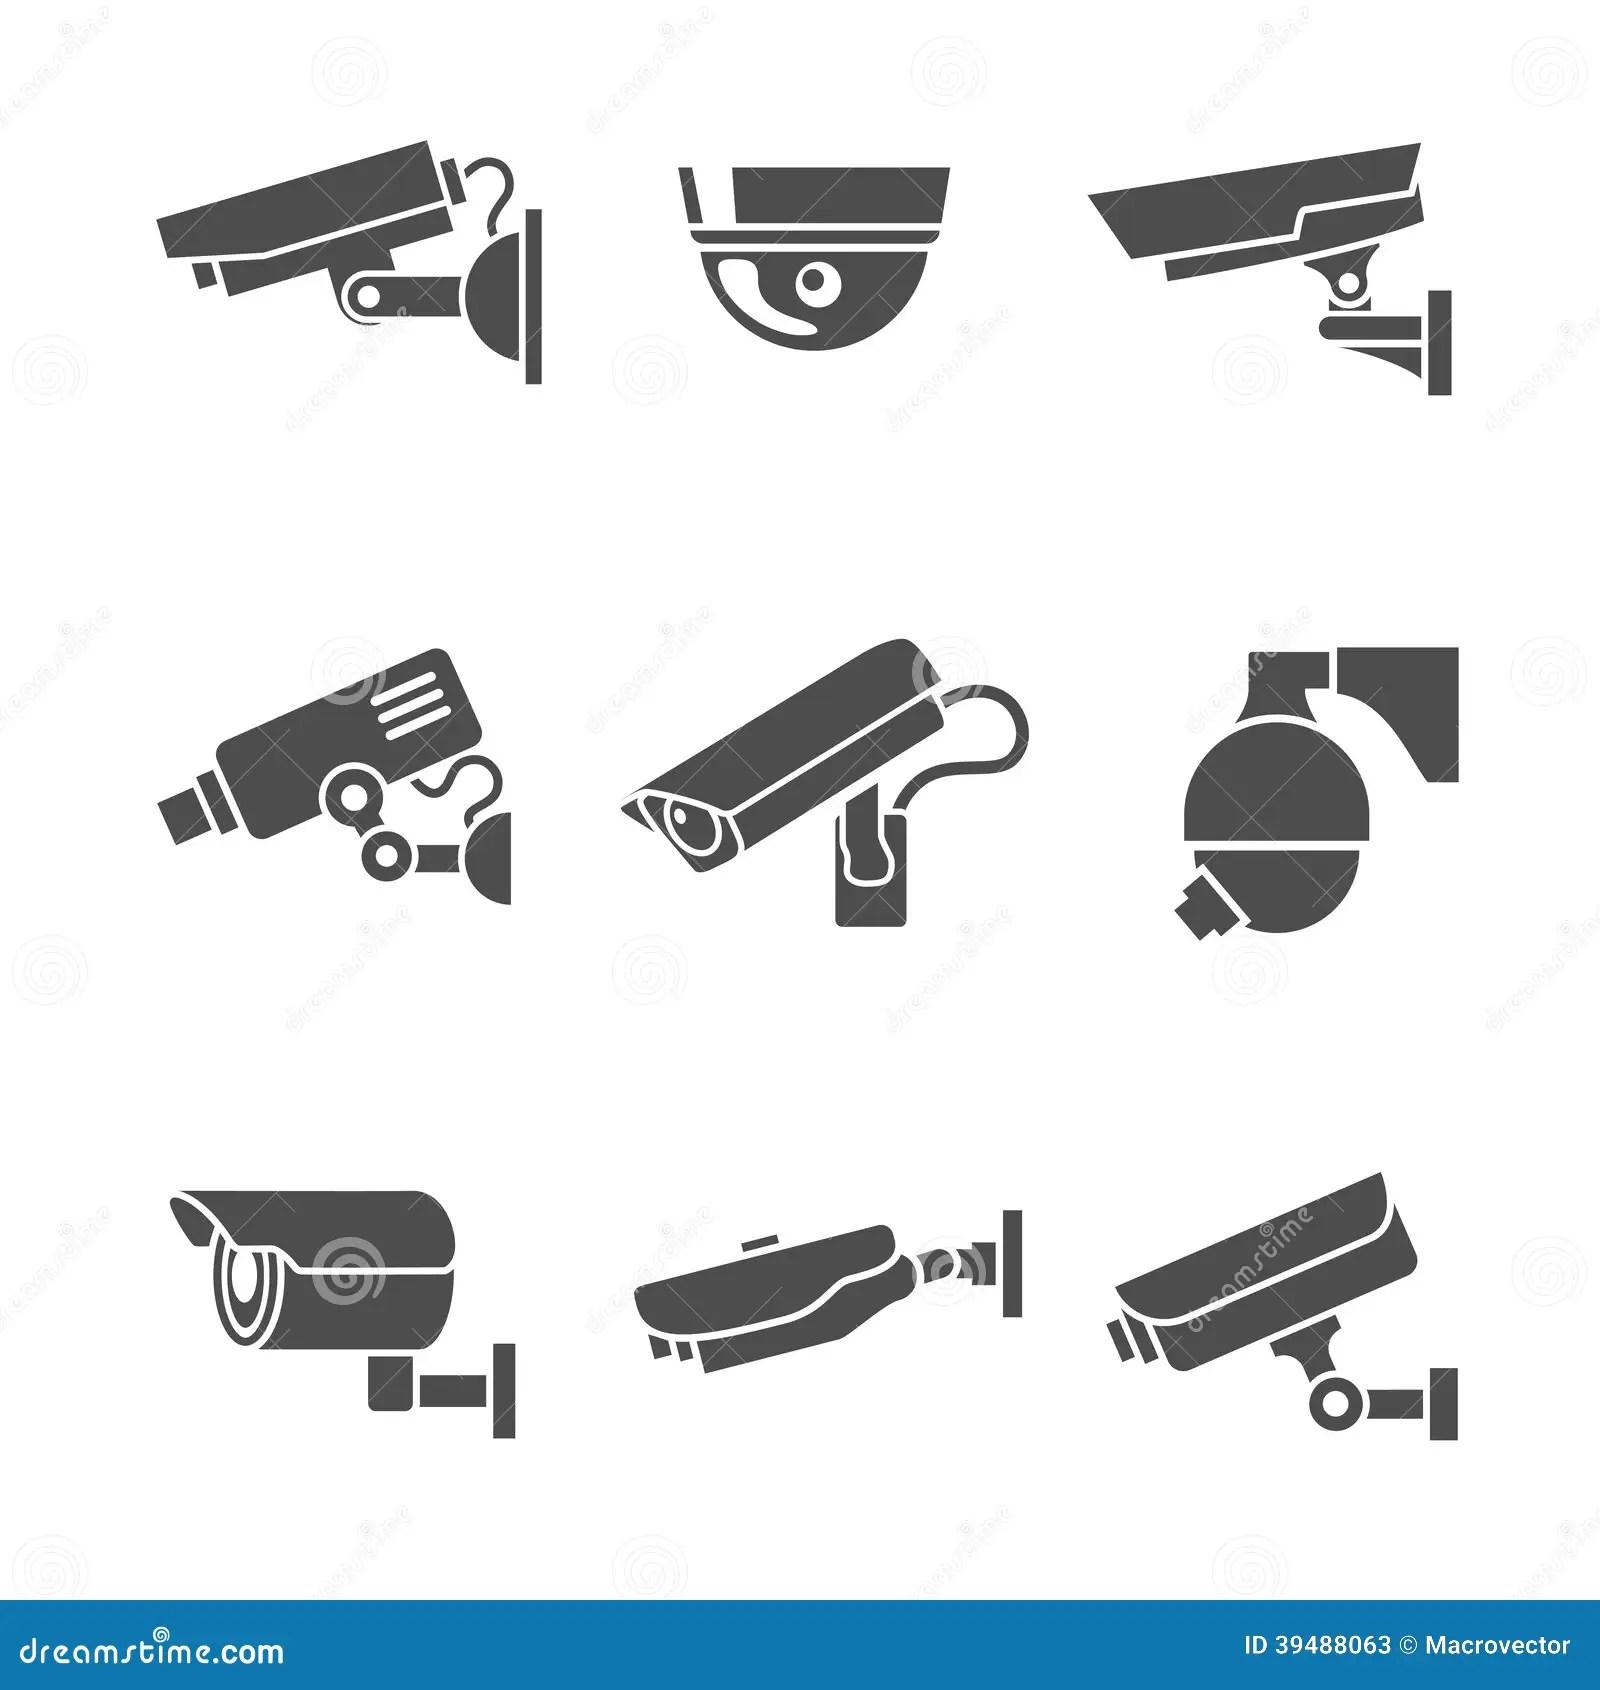 Icones De Cameras De Securite Reglees Illustration De